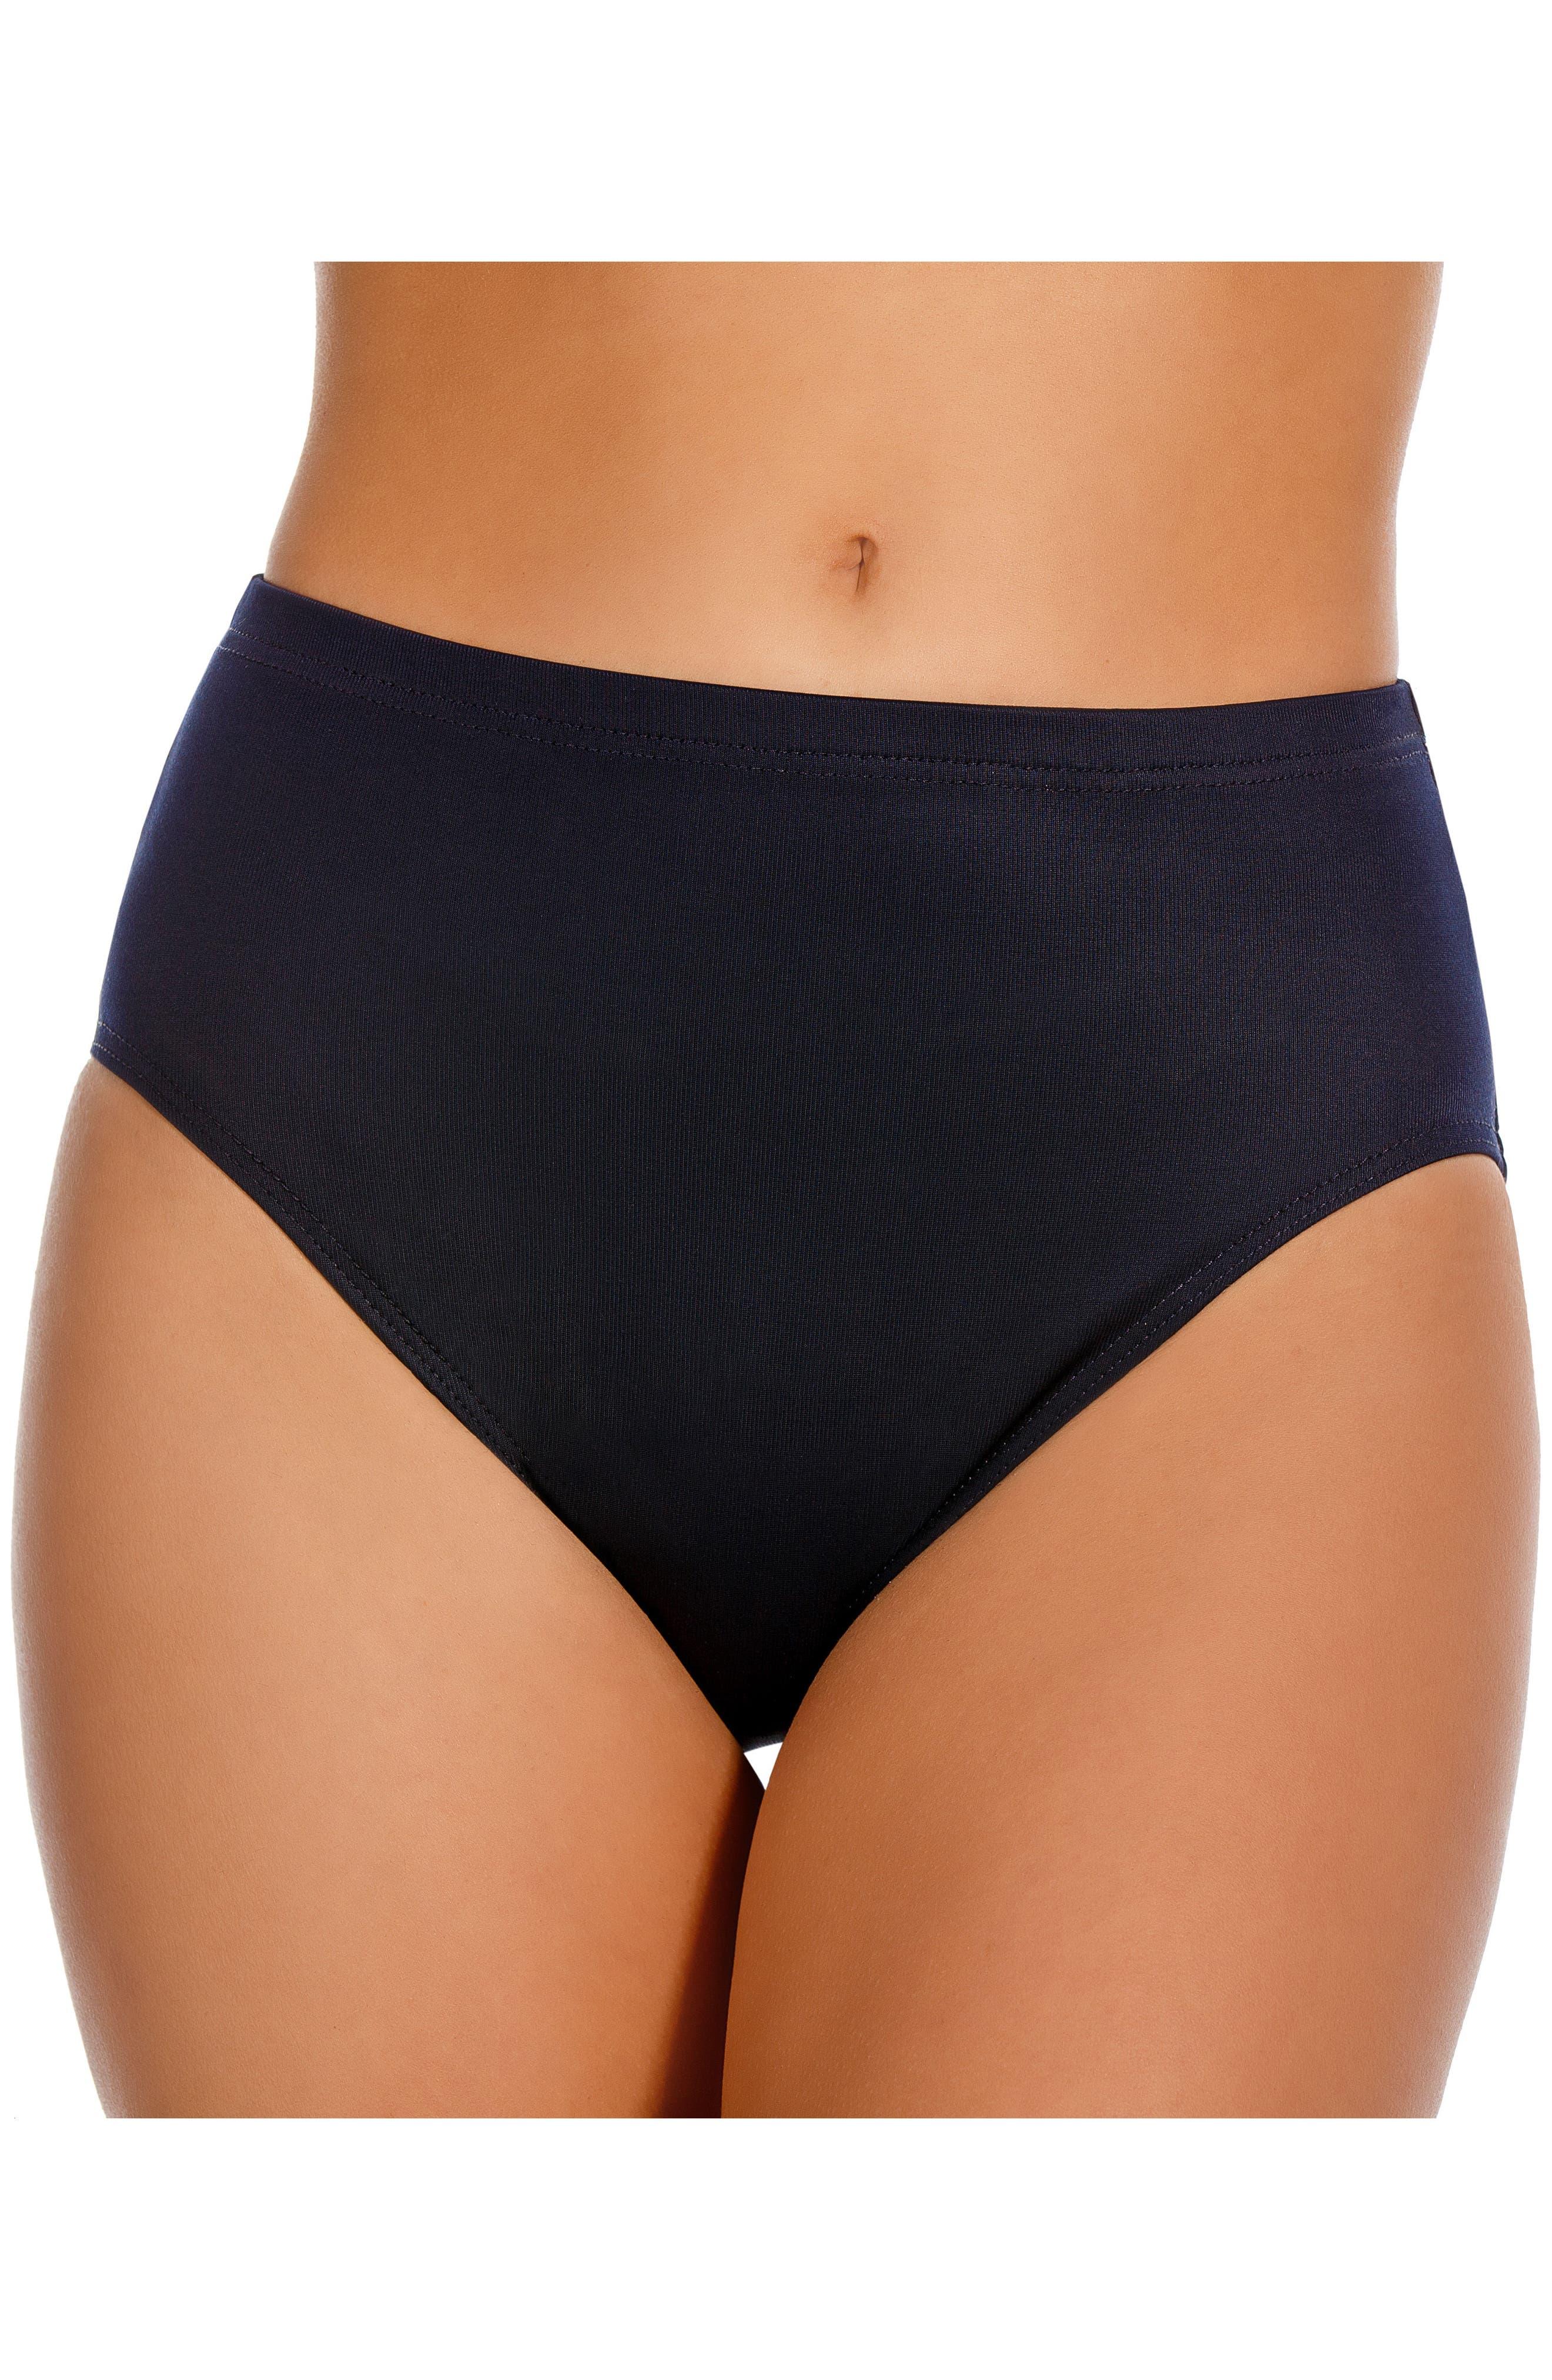 Miraclesuit® 'Basic' Swim Briefs